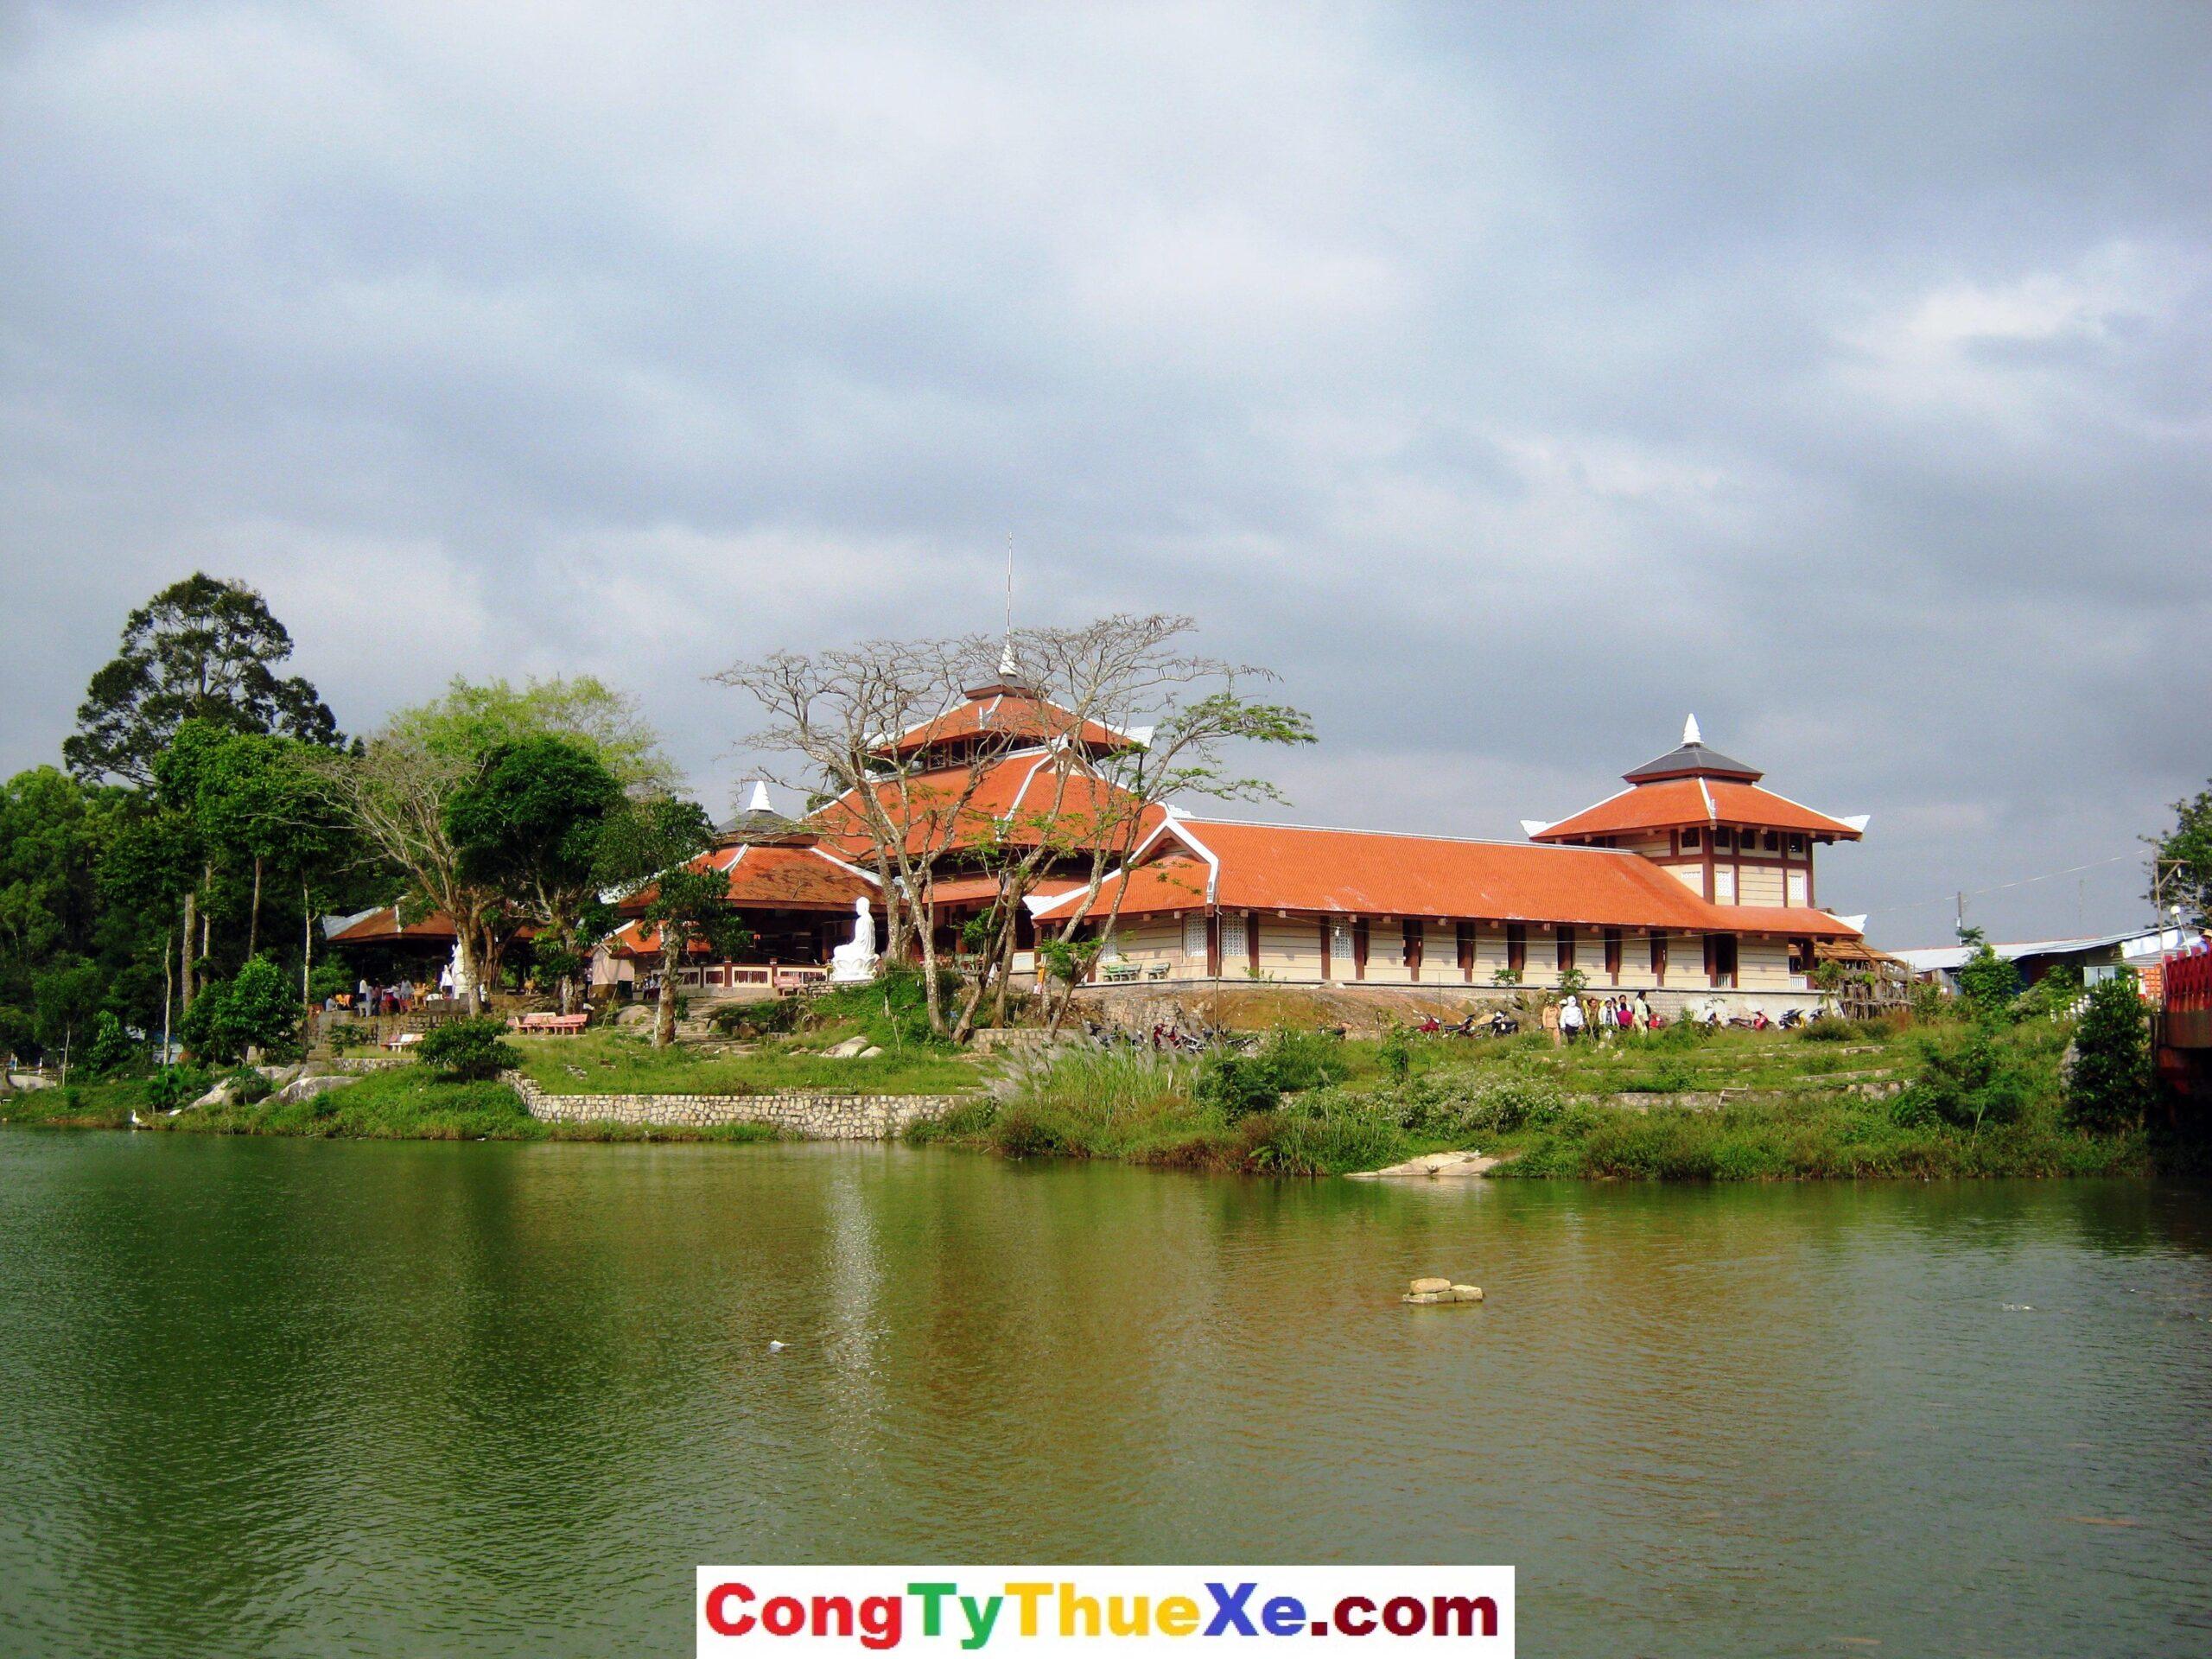 Chùa Phật Lớn Núi Cấm